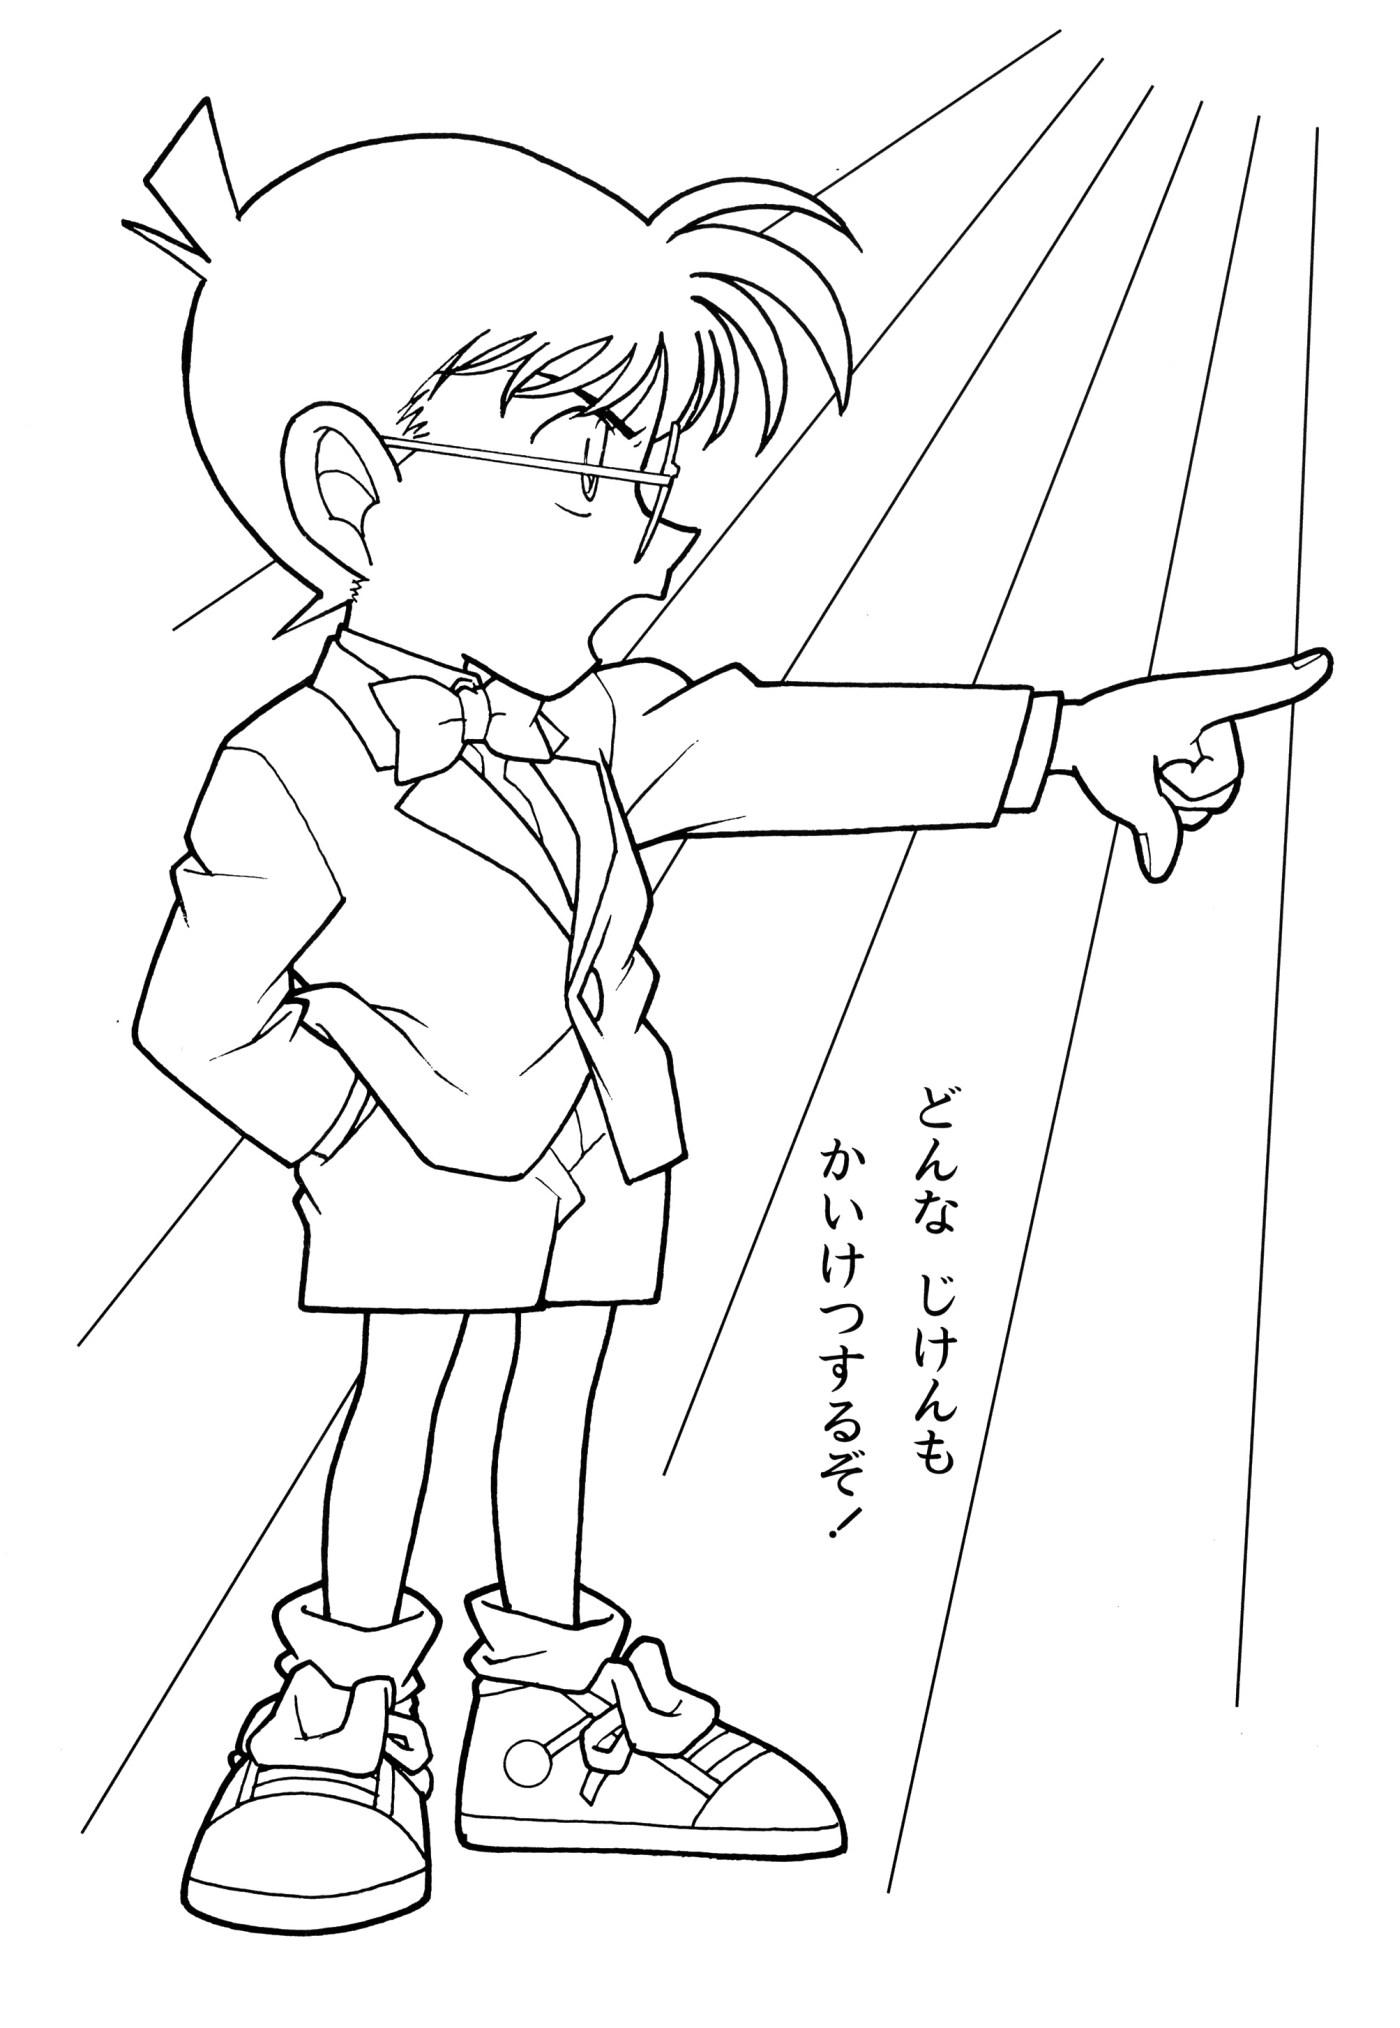 Conan coloring #16, Download drawings